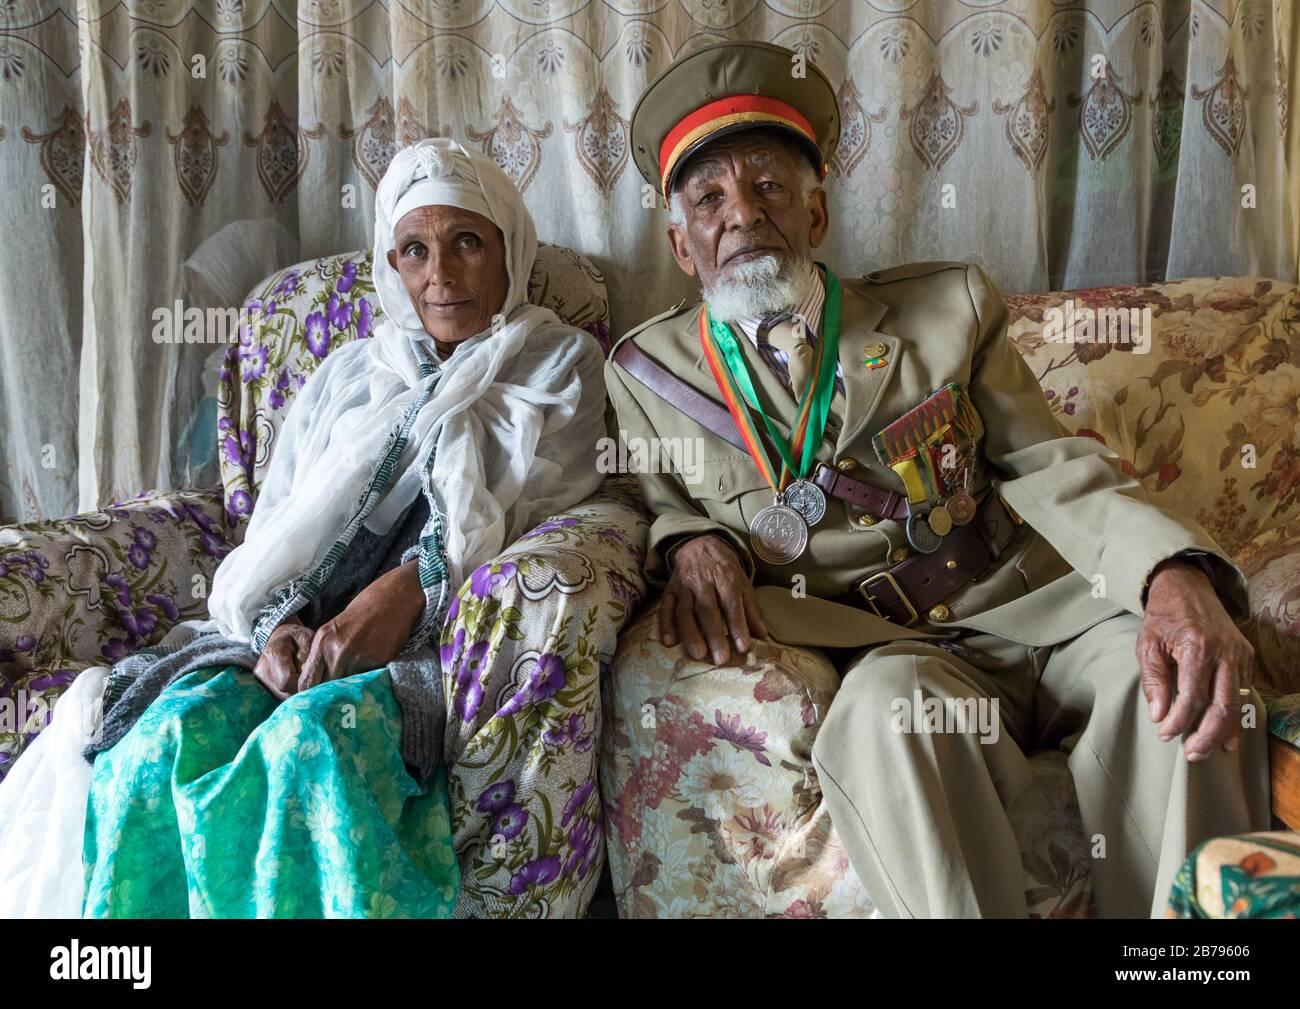 Vétéran de la guerre italo-éthiopienne en uniforme avec son épouse, région d'Addis-Abeba, Addis-Abeba, Ethiopie Banque D'Images